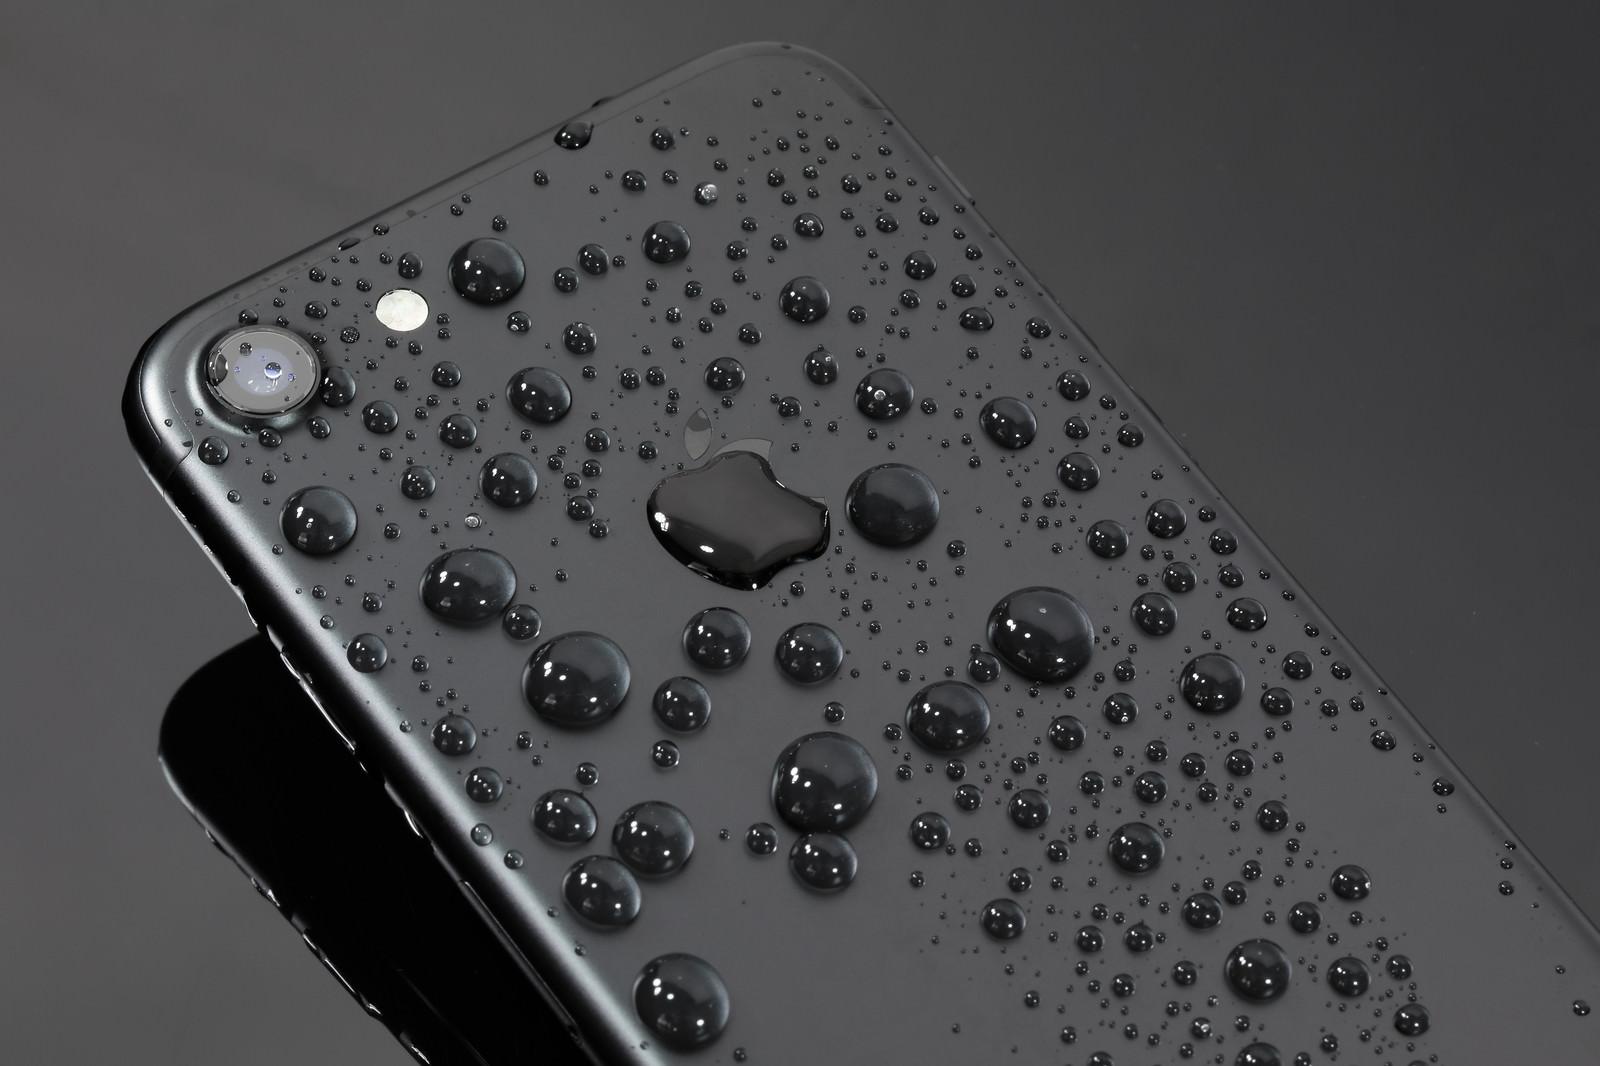 「余裕の耐水性能をアピールしたスマートフォン余裕の耐水性能をアピールしたスマートフォン」のフリー写真素材を拡大